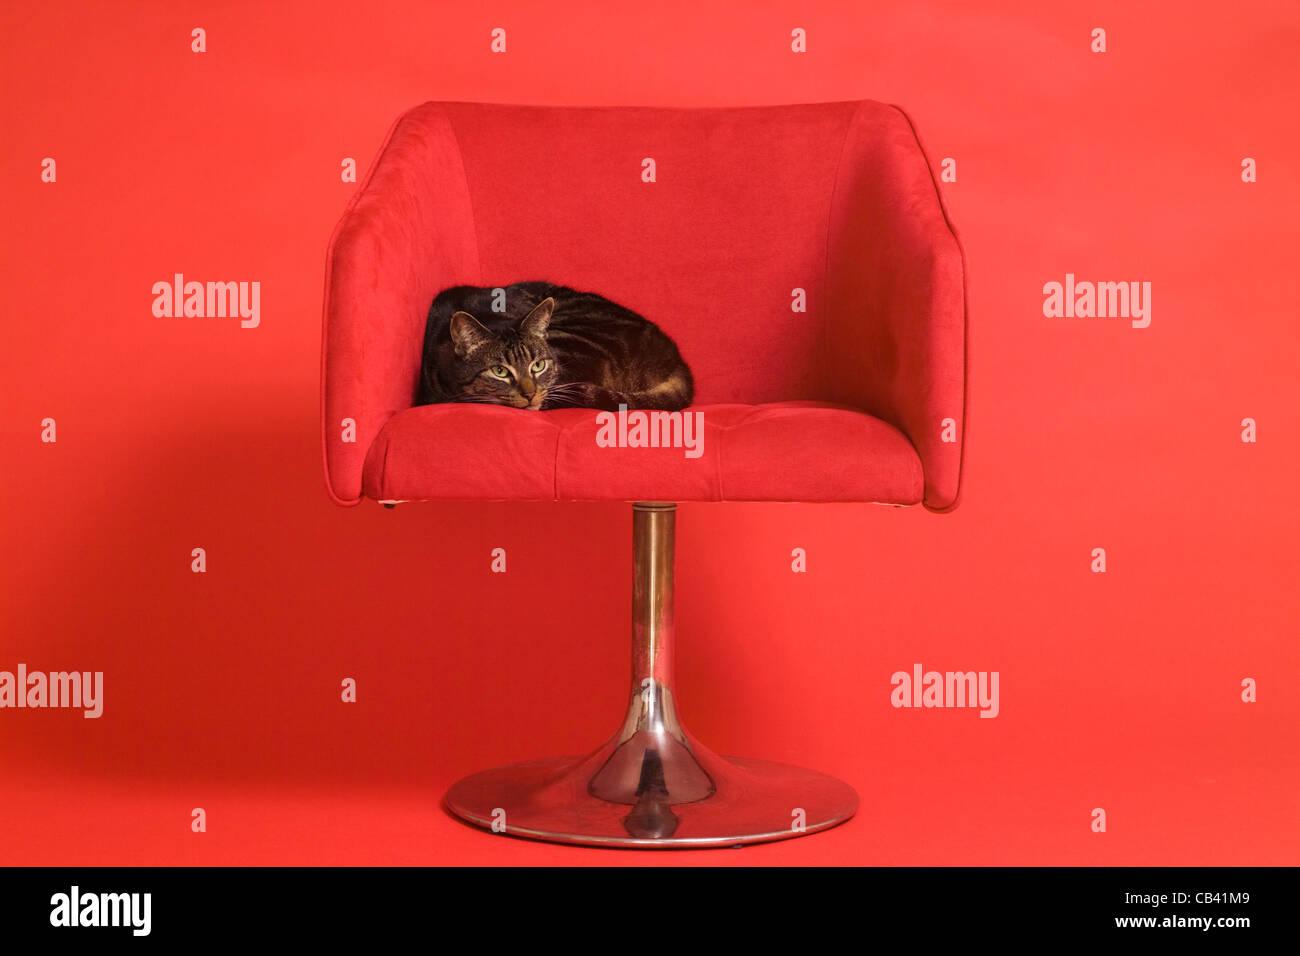 Tabby Katze In Retro Modernen Mitte Jahrhundert Roten Stuhl Auf Rotem Grund